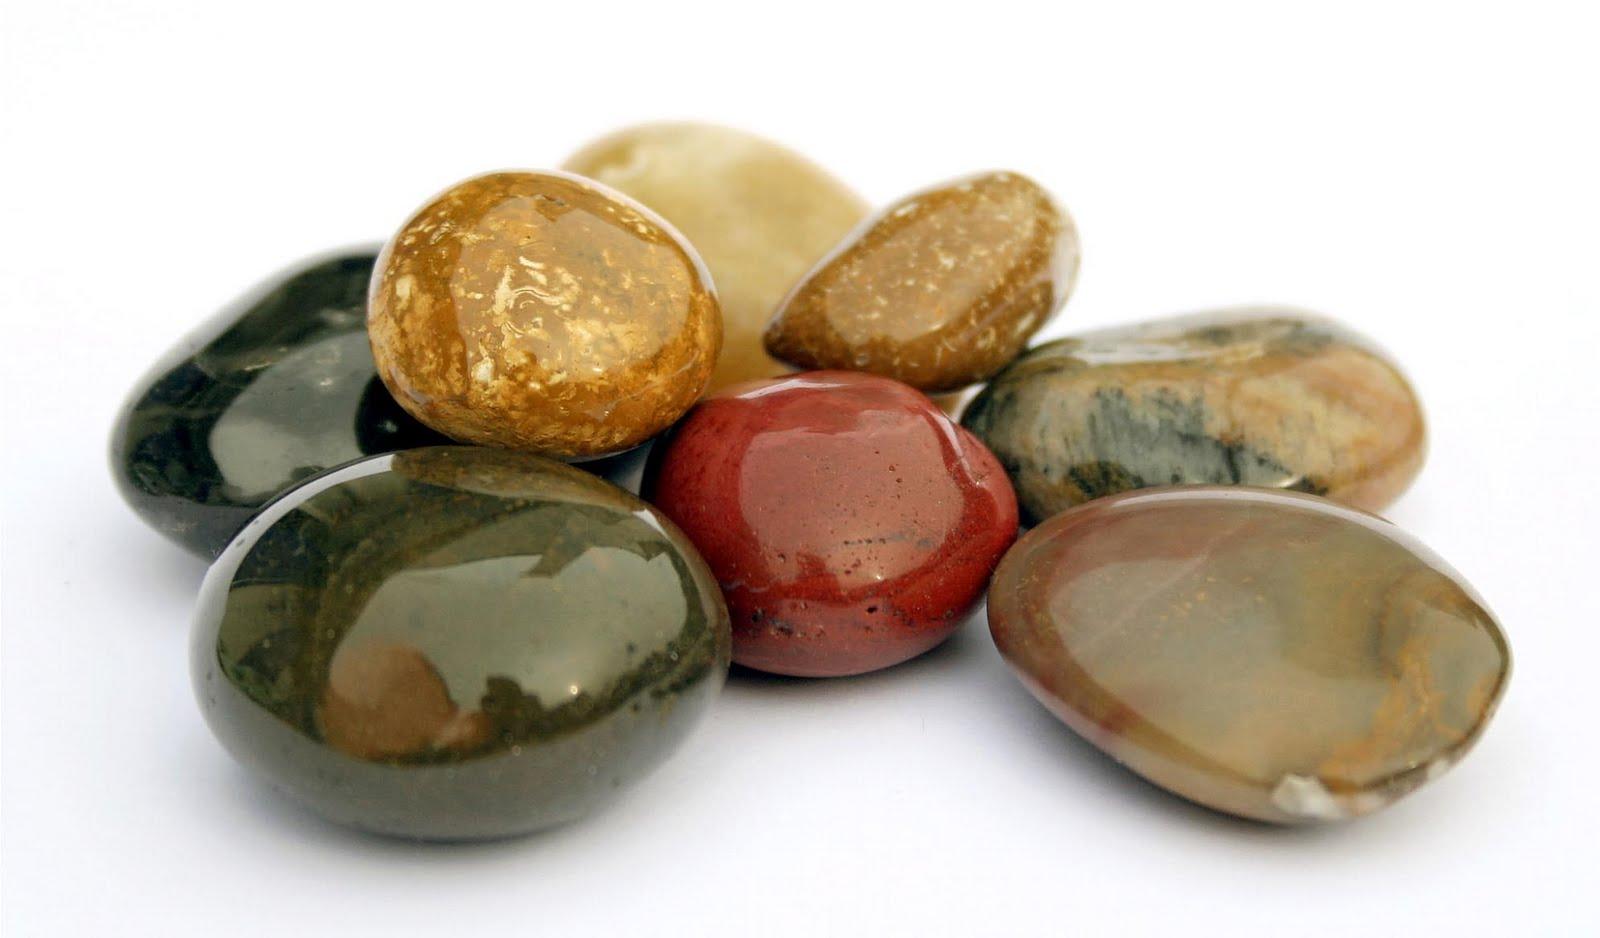 http://1.bp.blogspot.com/_SCrE5T6JKvs/SxKxOiEqePI/AAAAAAAAB4w/w5oVRBWM9zk/s1600/stones+for+men%27s+ministry+page.jpg